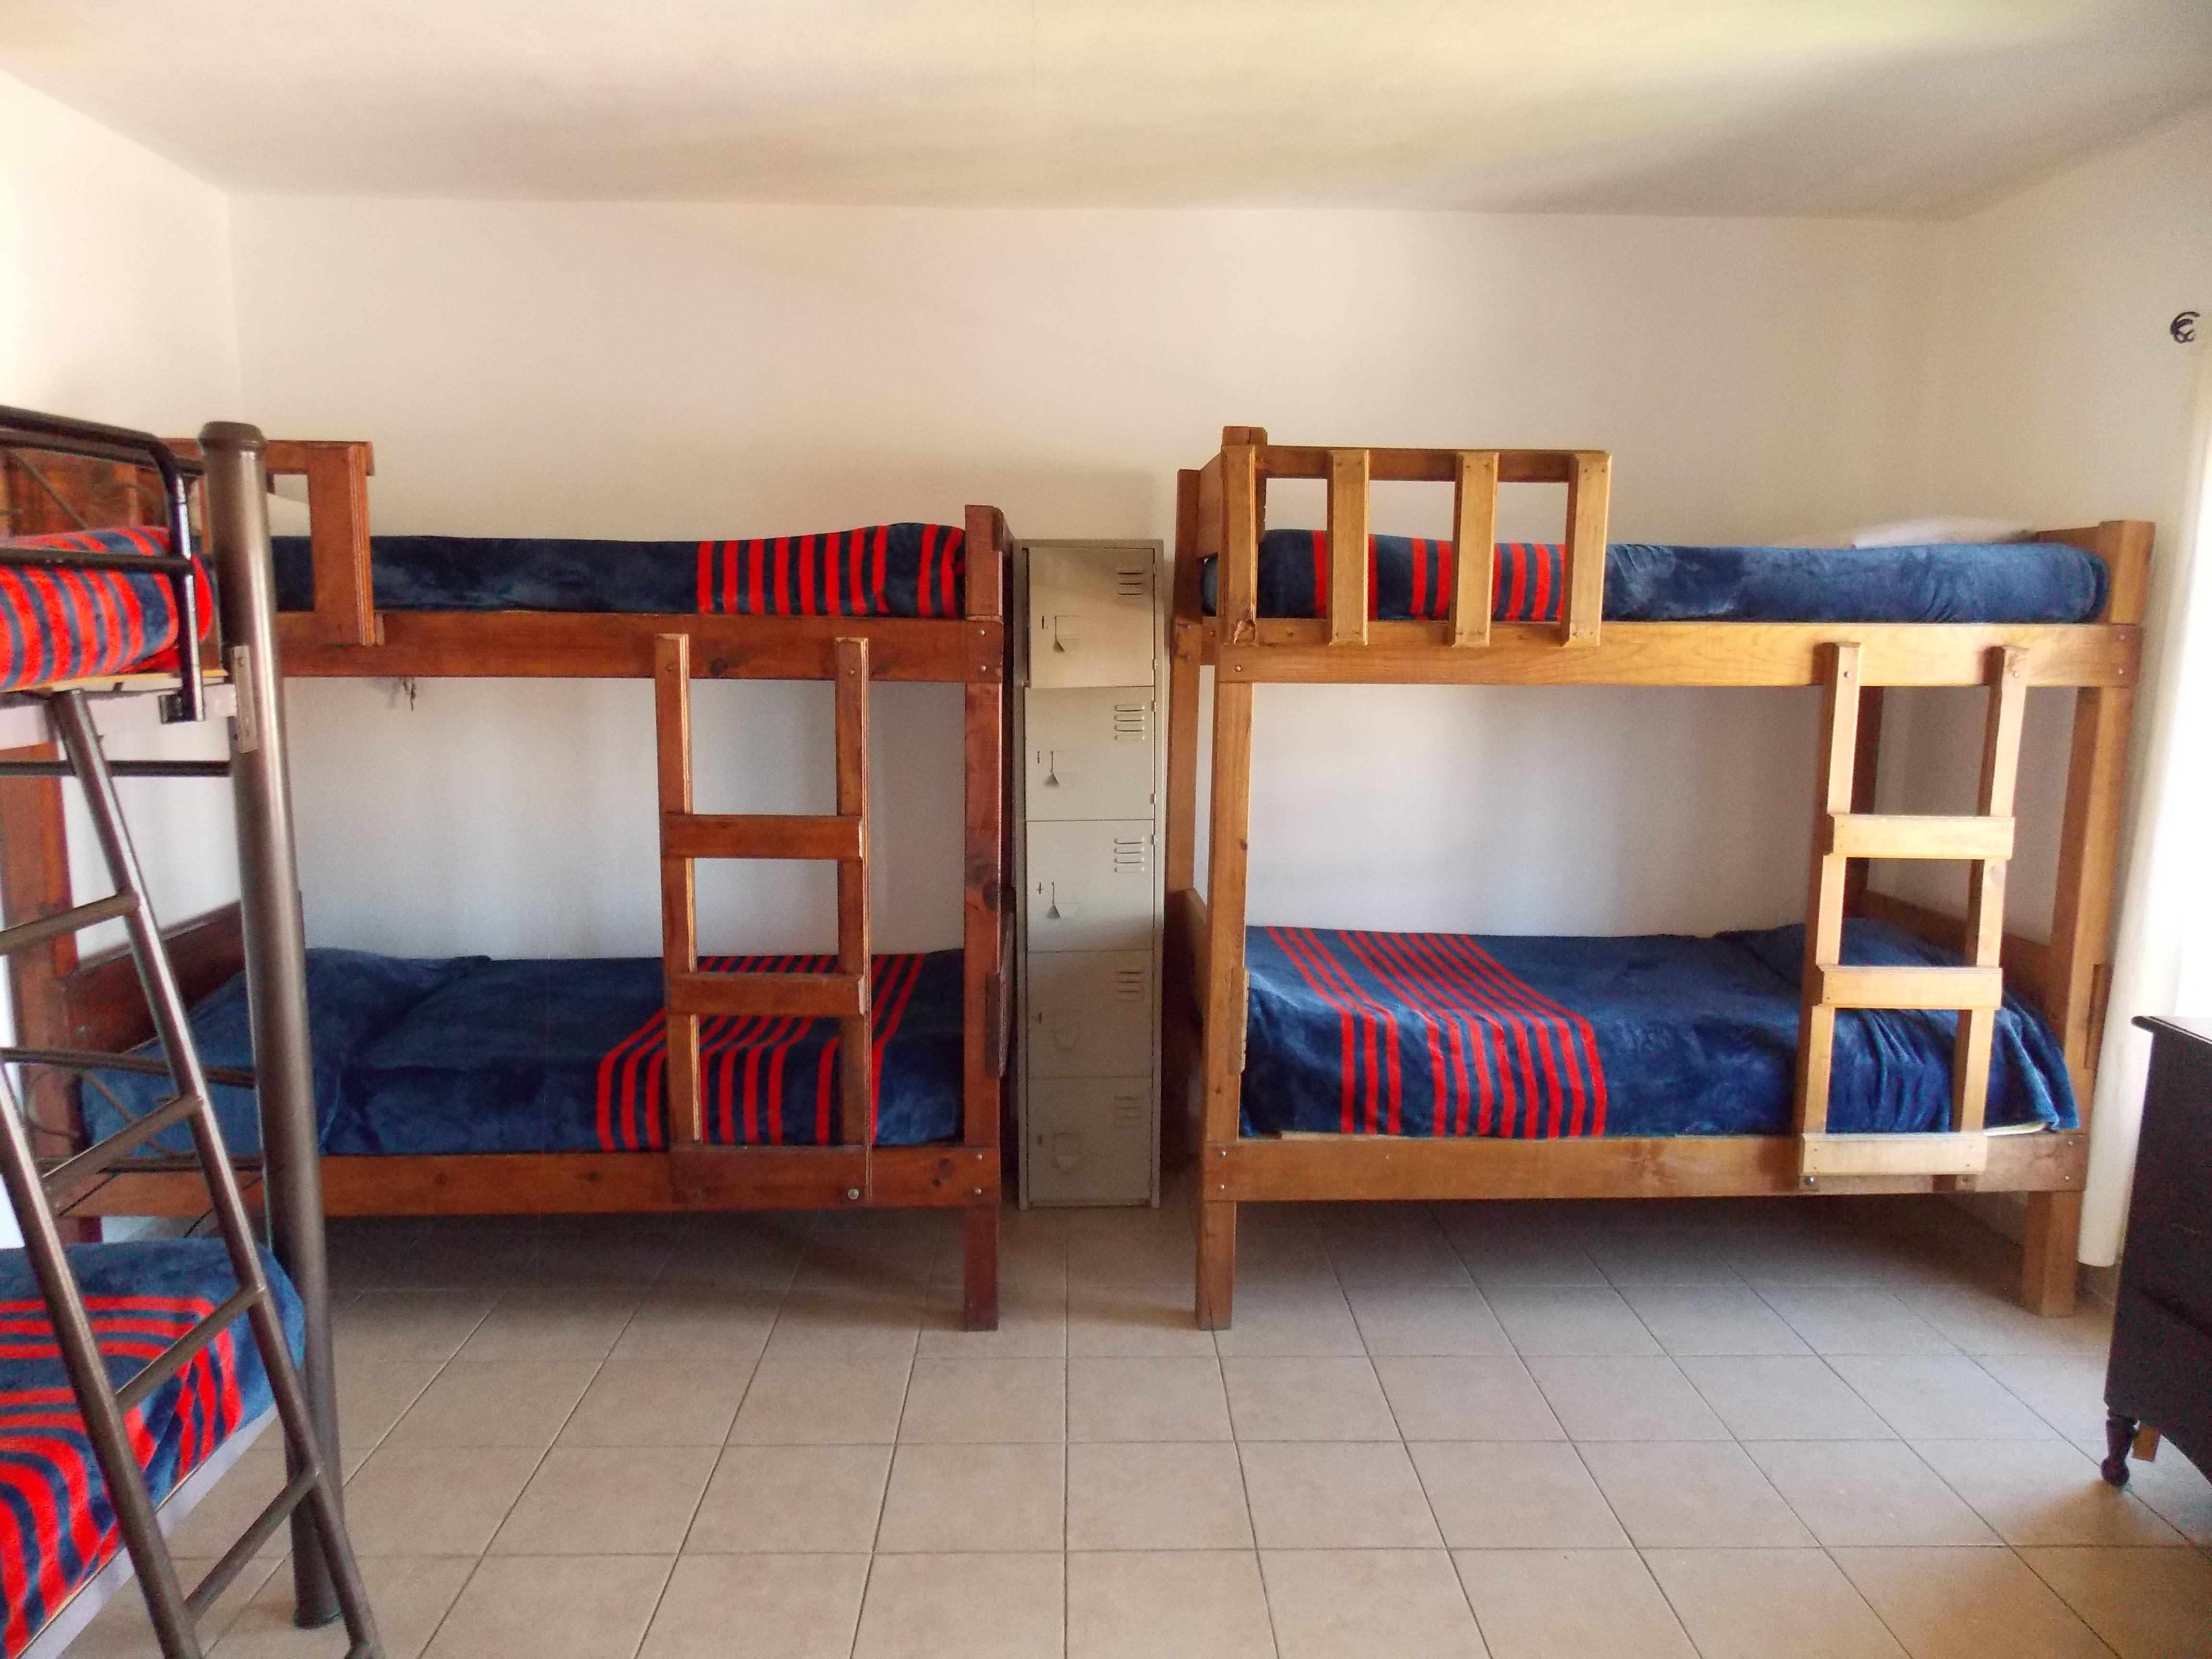 Hostel Inn